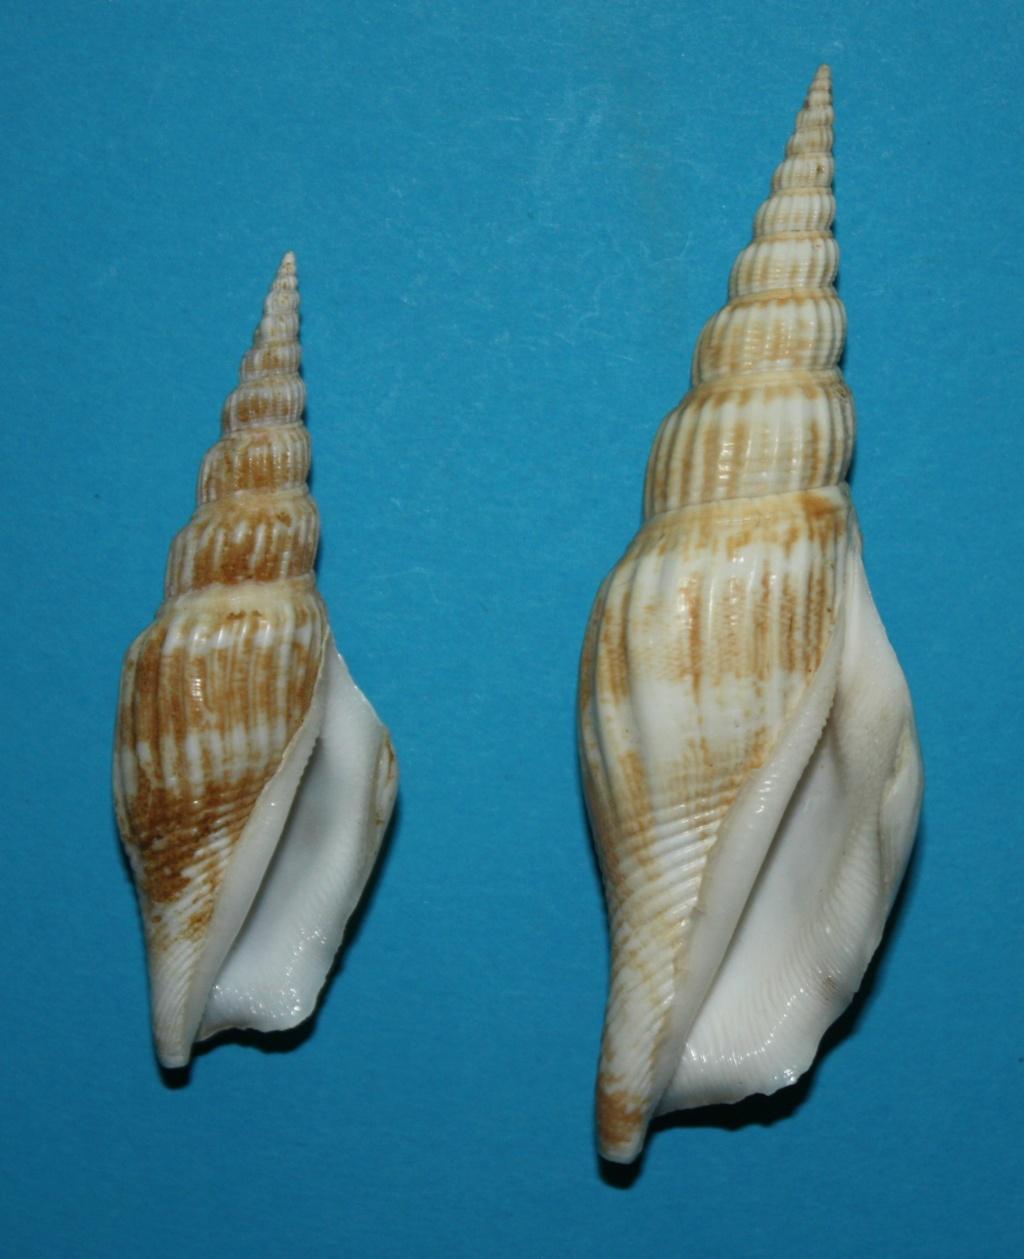 Doxander vittatus apicatus - (Man in 't Veld & Visser, 1993) voir Doxander vittatus (Man in 't Veld & Visser, 1993) 347